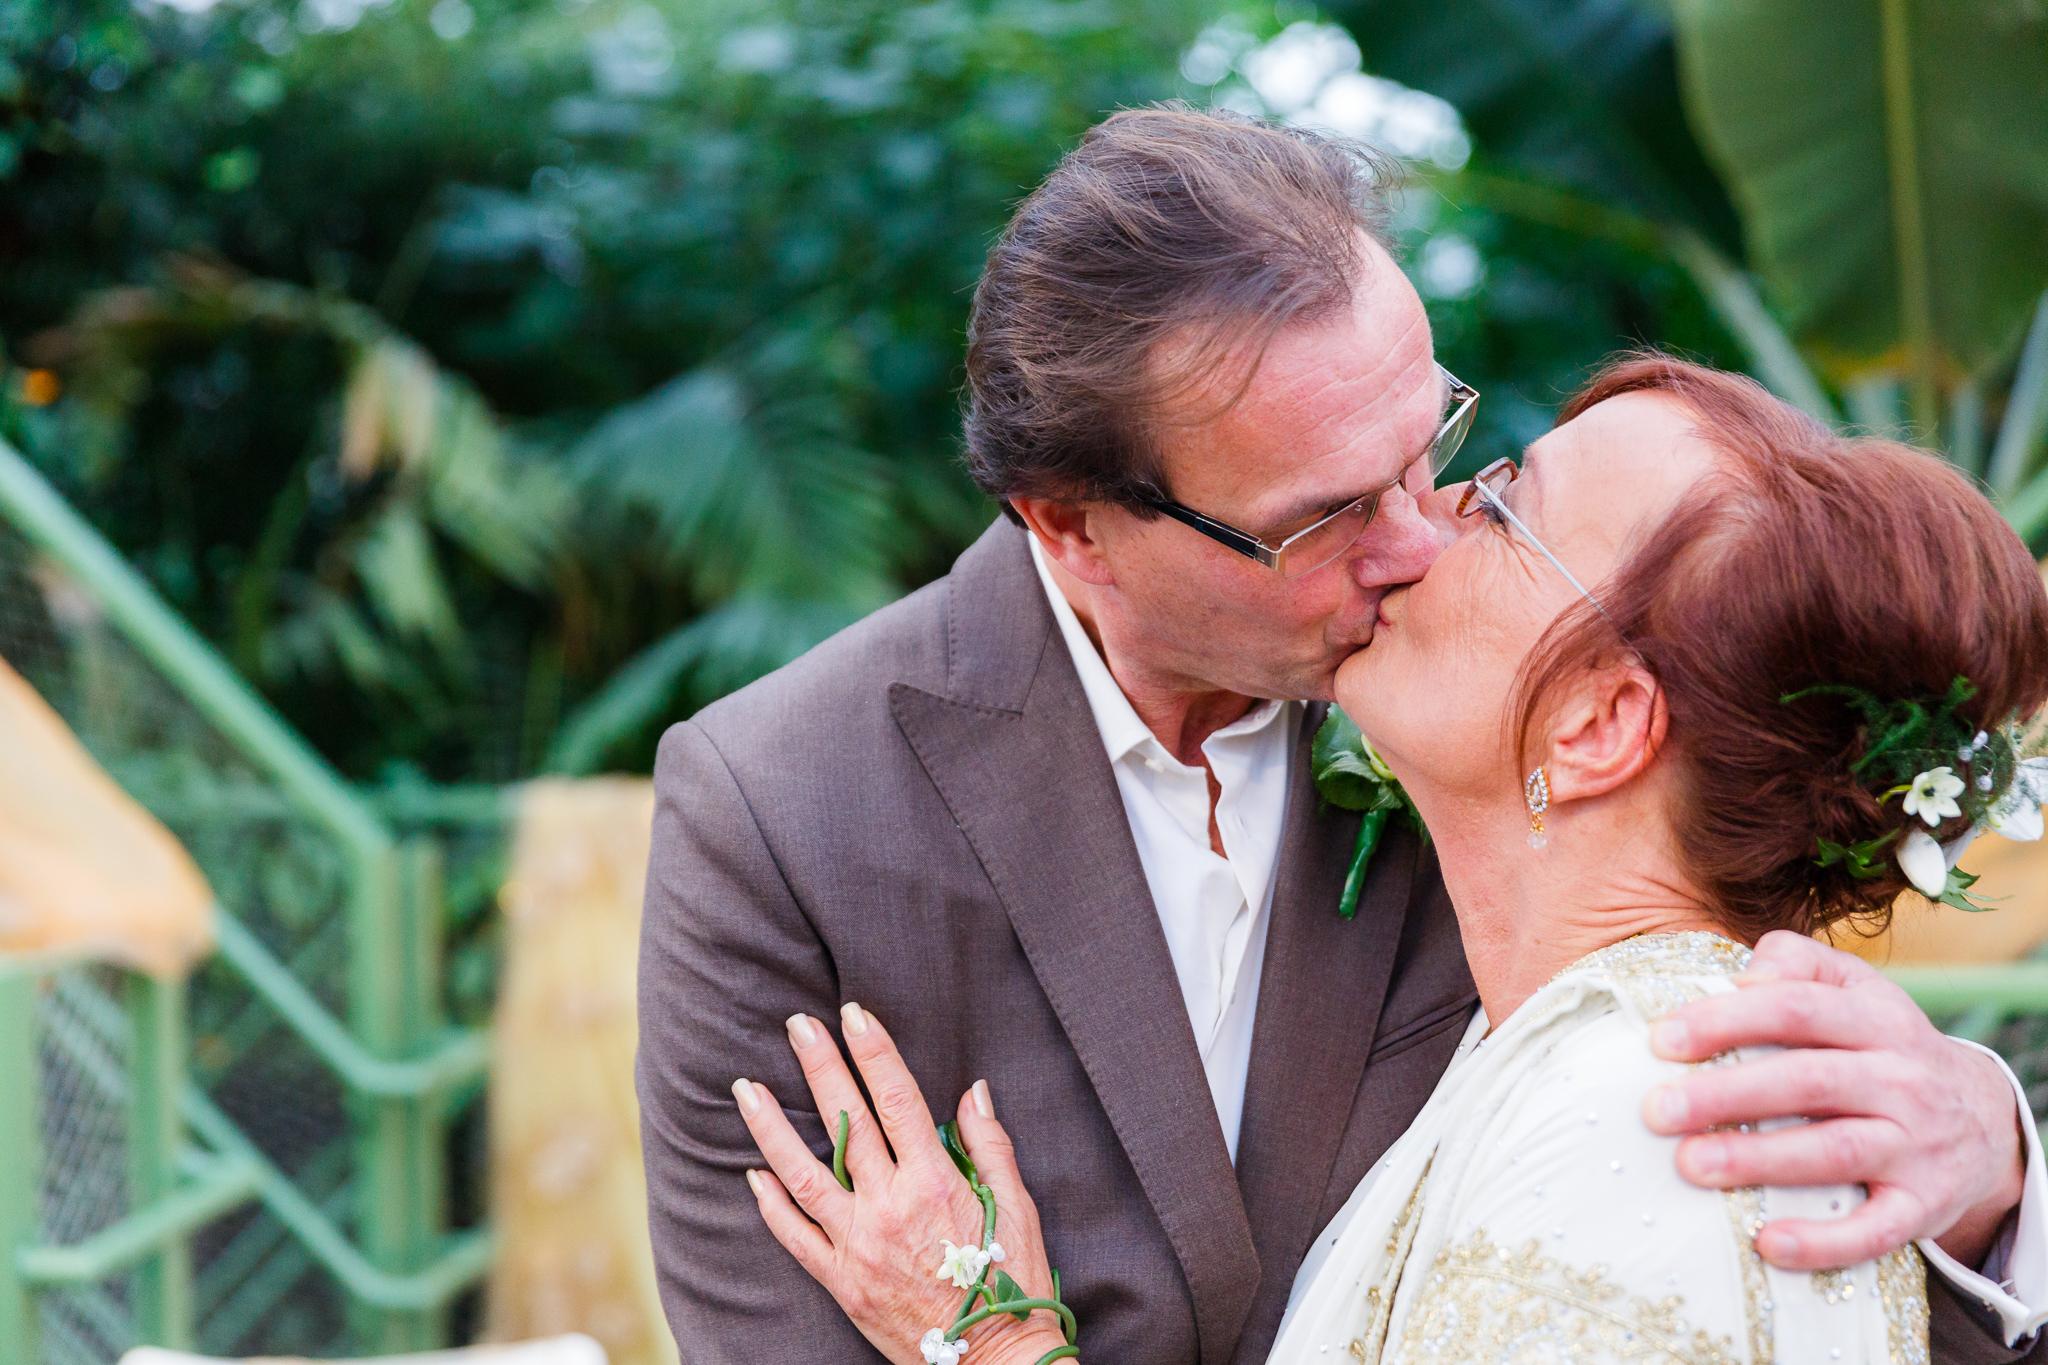 Wedding - YW8A2712.jpg